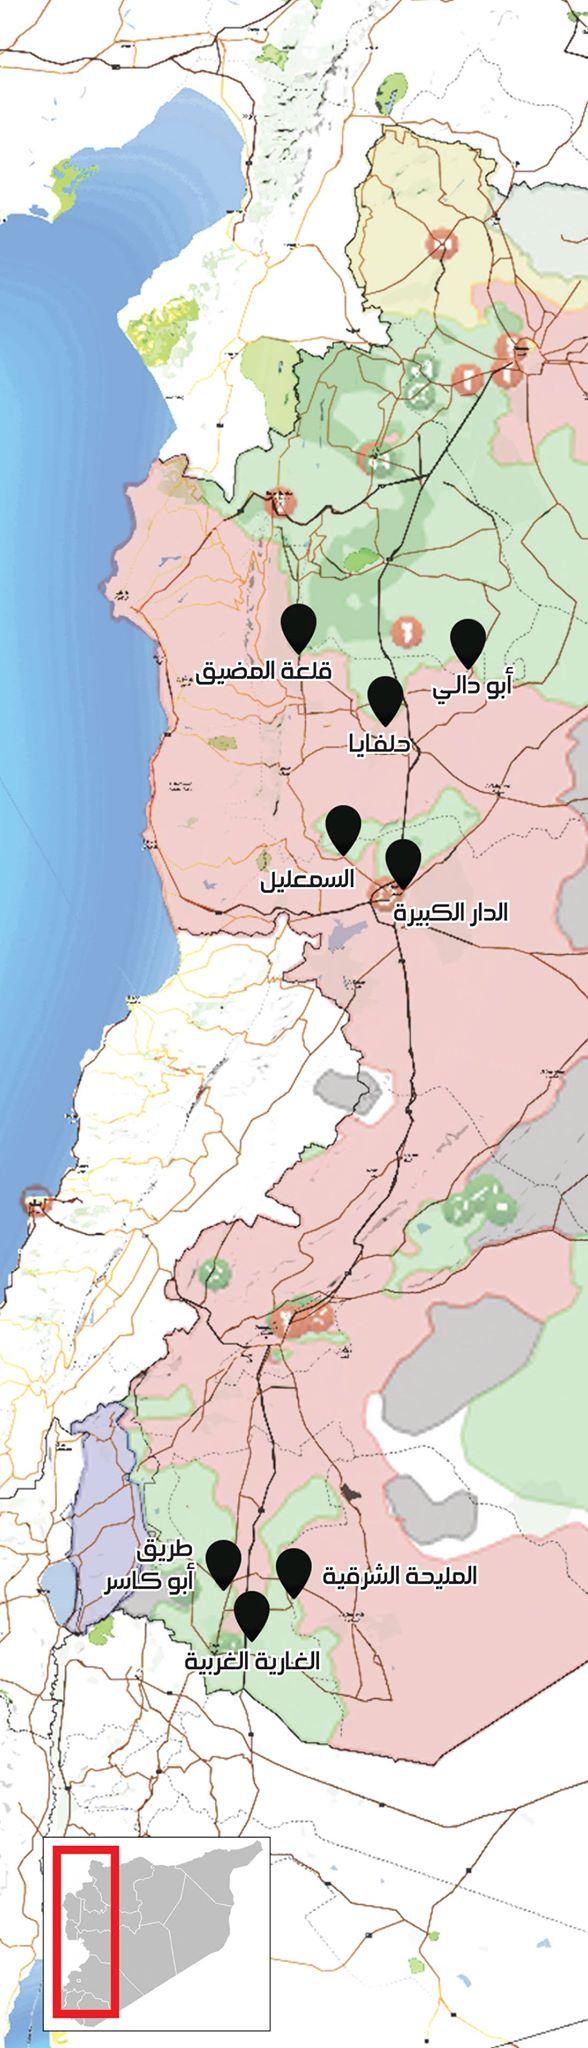 خريطة توضح نقاط توزع المعابر بين أطراف النزاع في سوريا (عنب بلدي)